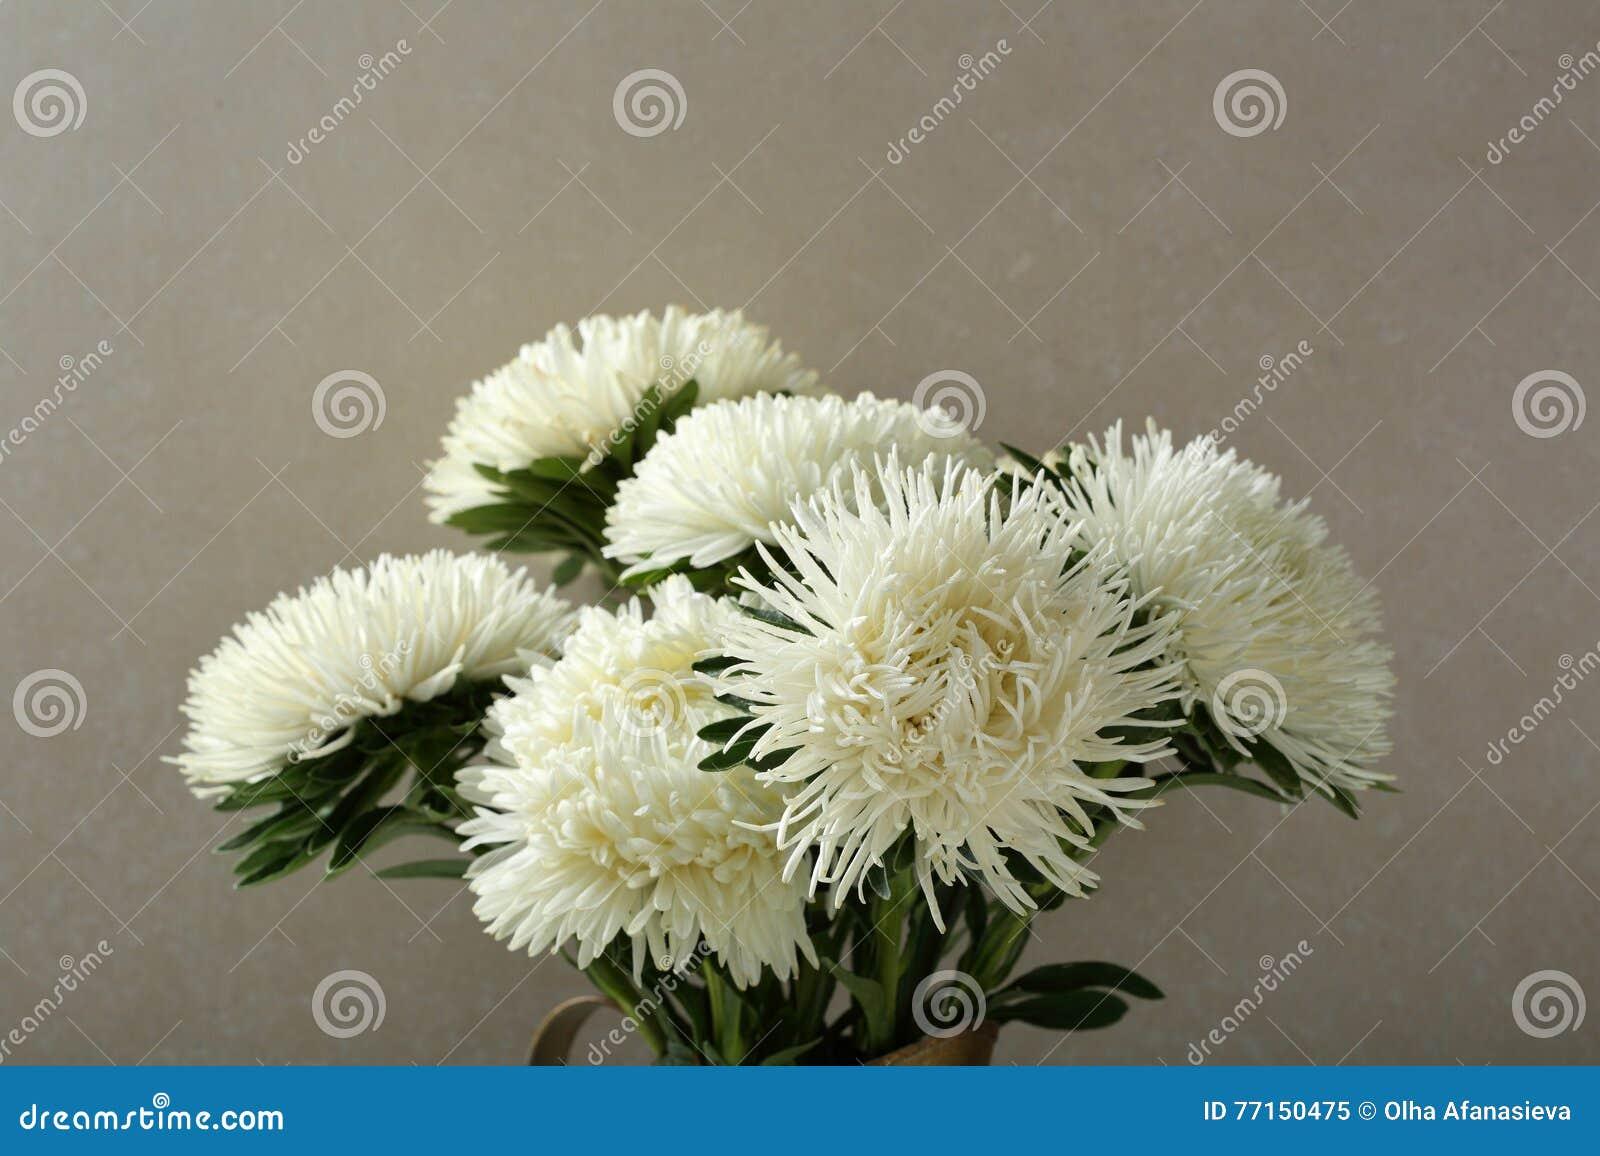 花束翠菊对混凝土墙